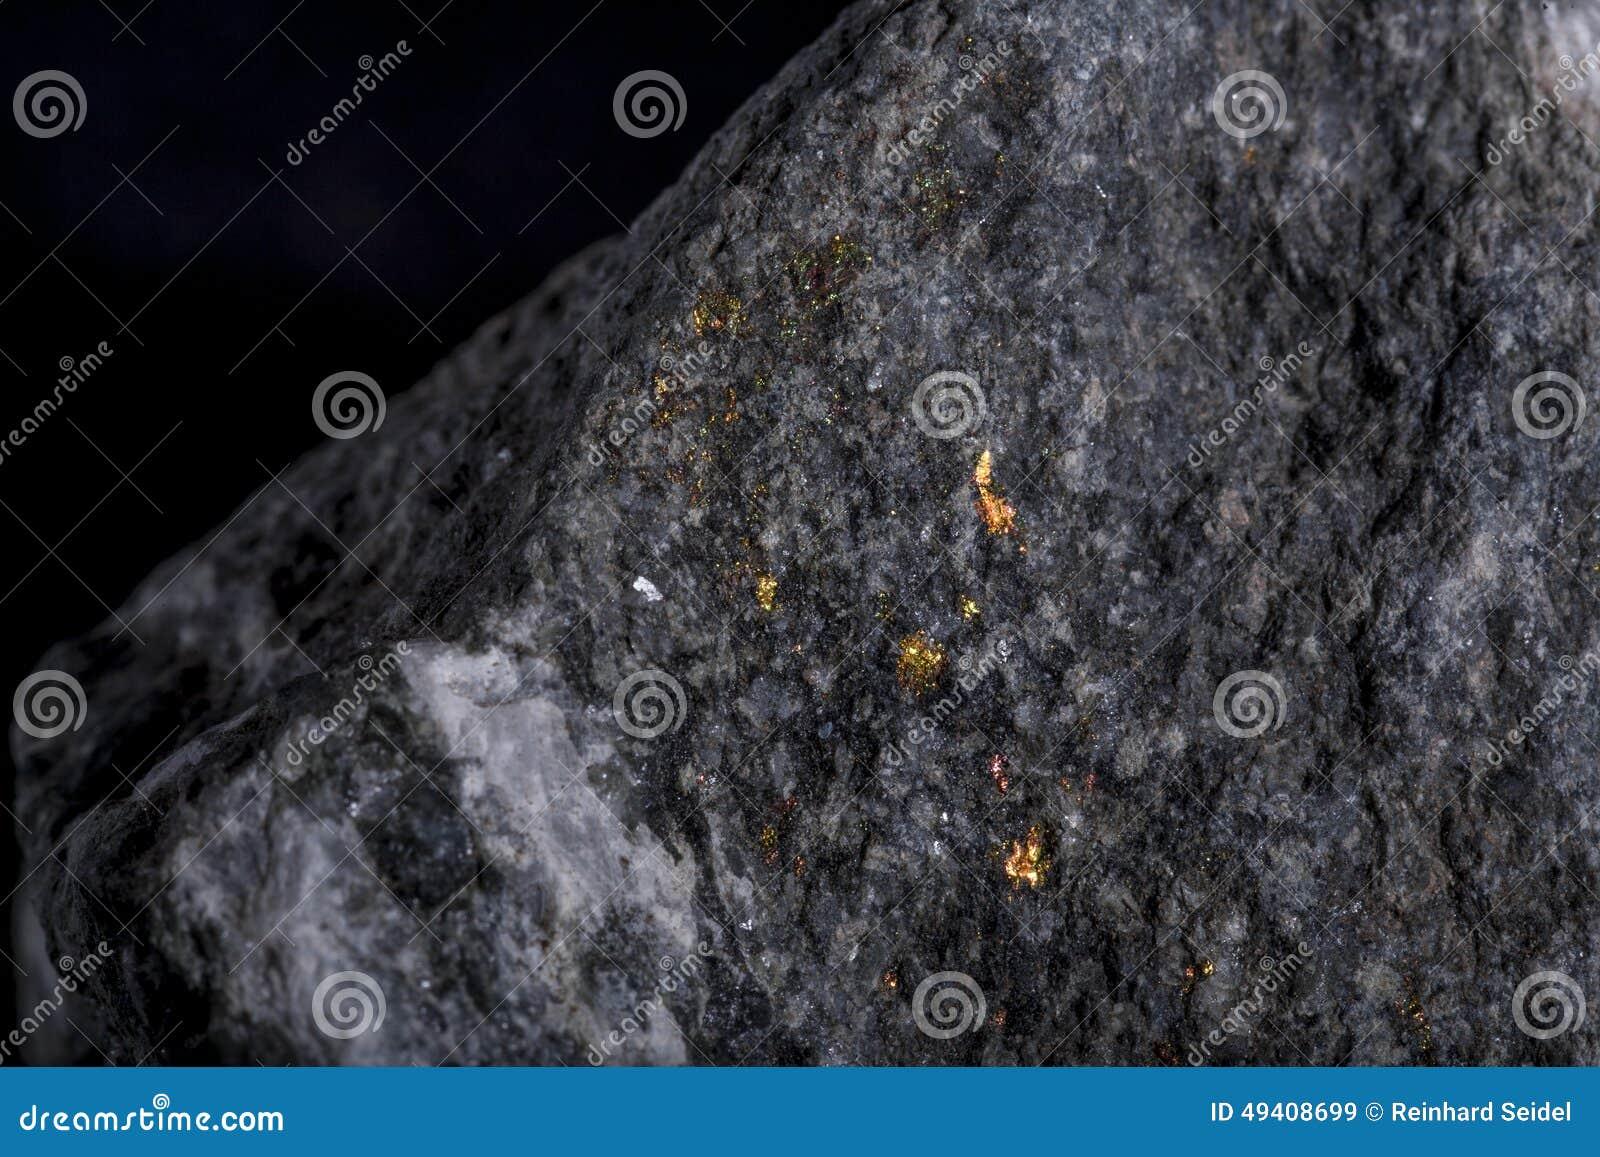 Download Stein mit Goldader stockbild. Bild von gold, quarz, metall - 49408699